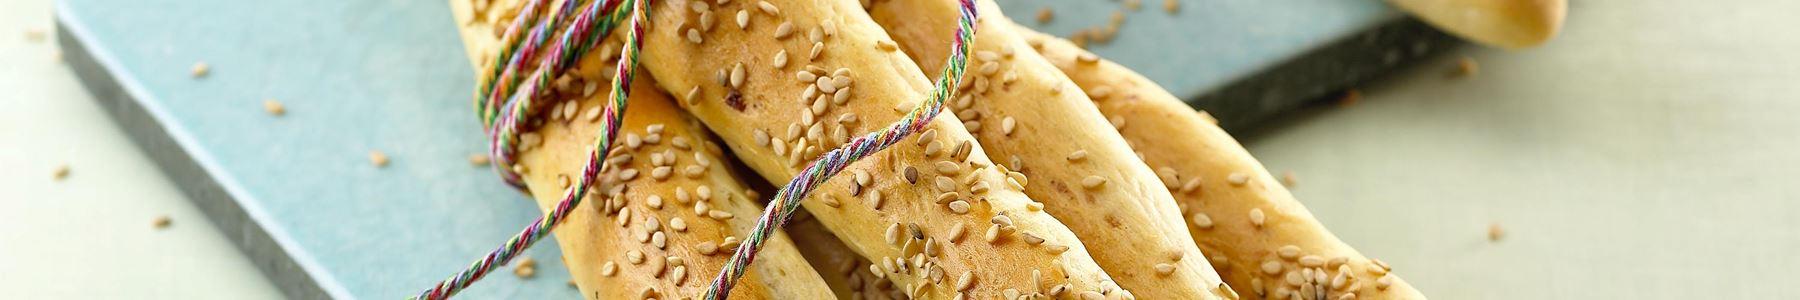 Tilbehør + Hytteost + Snacks og tapas